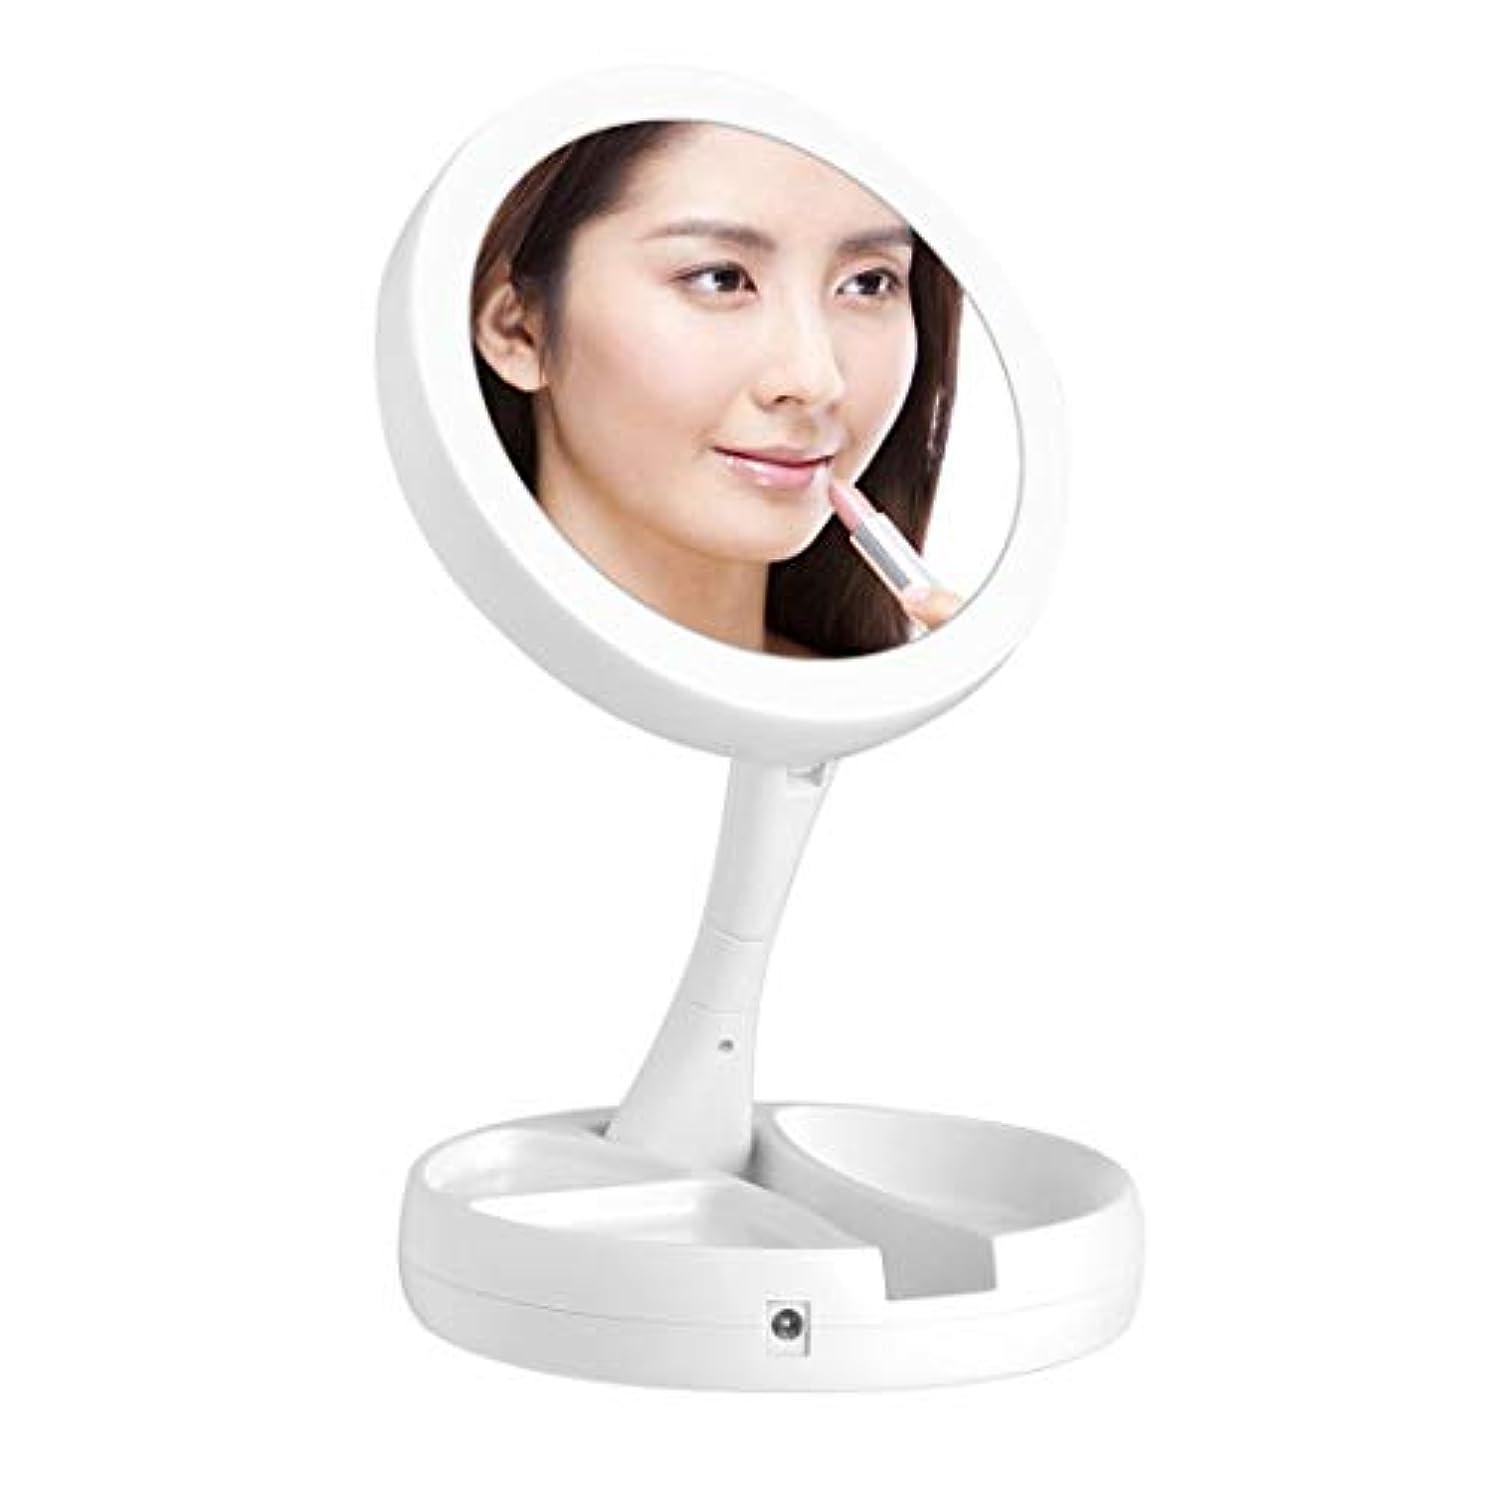 九時四十五分あなたは一方、kamaa化粧鏡 化粧ミラー 女優ミラー LED両面鏡 鏡 10倍拡大鏡付き 折り畳み式 卓上 テーブルランプUSB/電池給電 180°回転